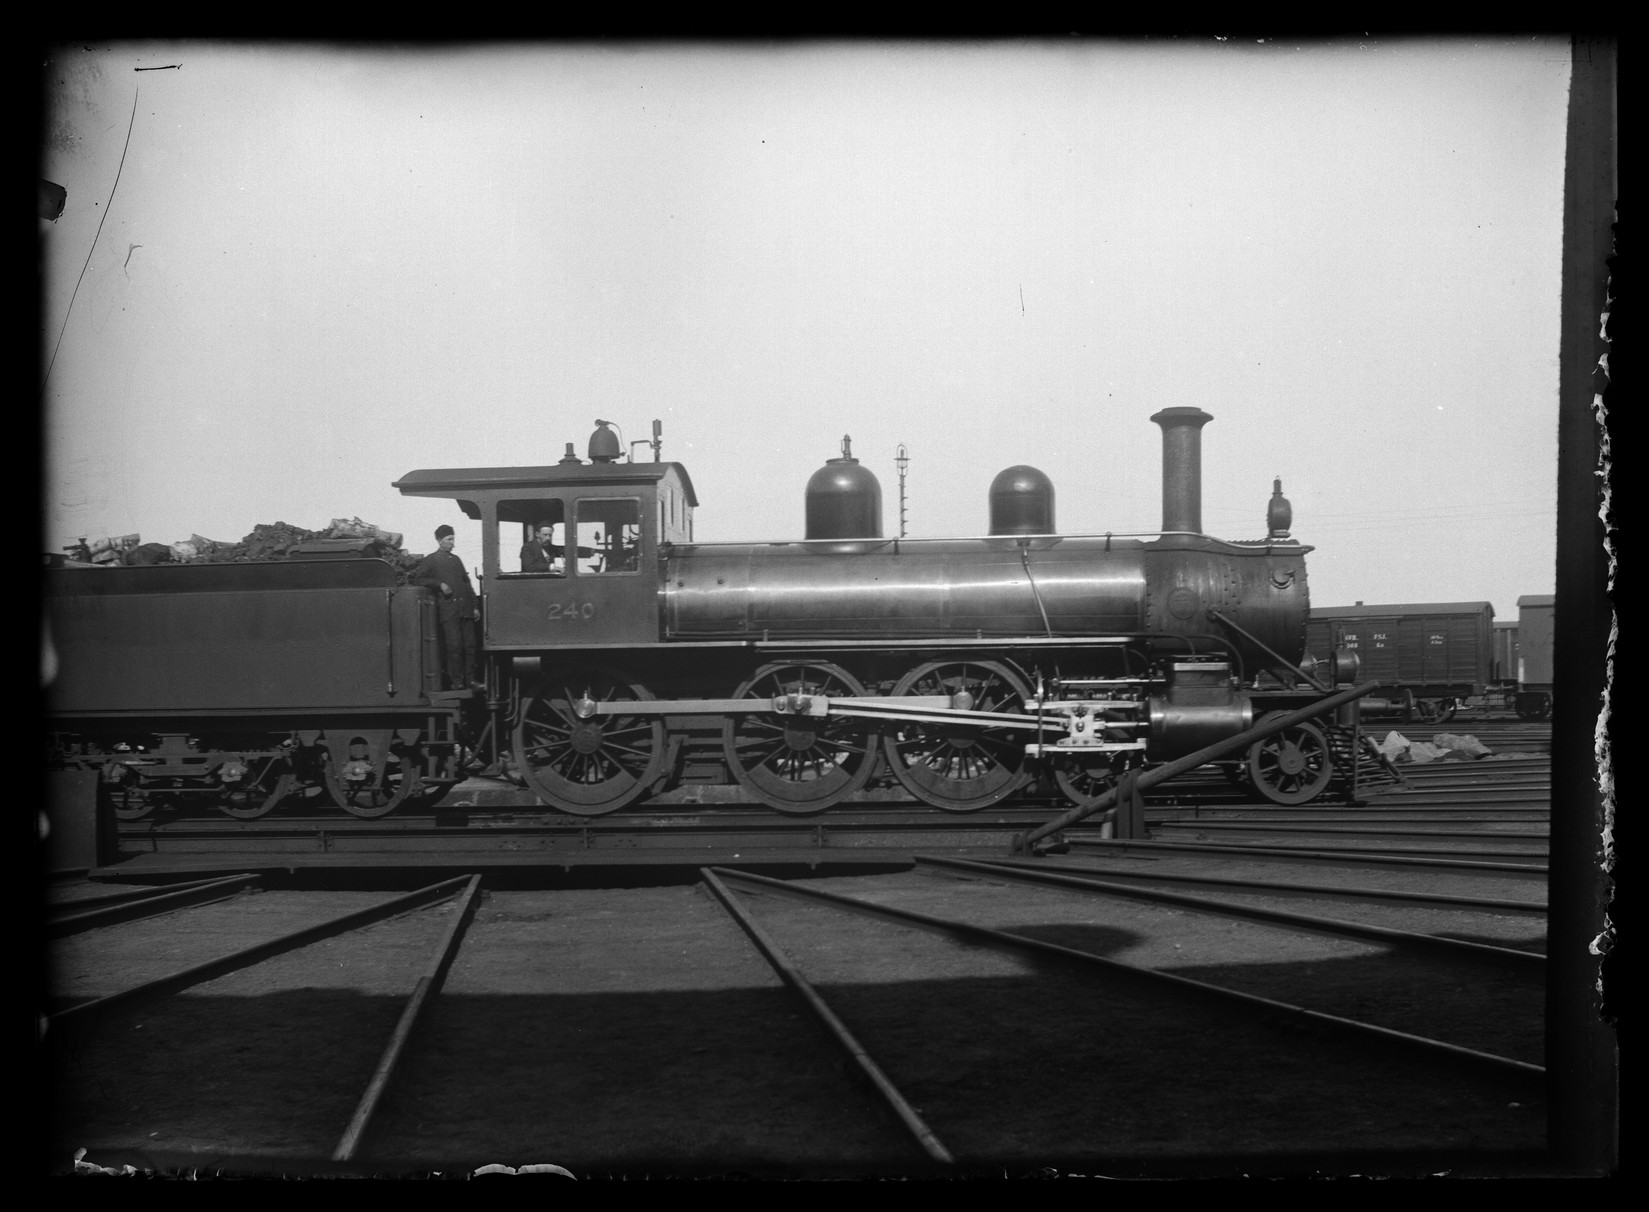 Локомотив серии H1 (позже Hk1) №240 изготовленный Baldwin Locomotive Works, Филадельфия, штат Пенсильвания, США, год выпуска 1898, отказались от использования в 1956